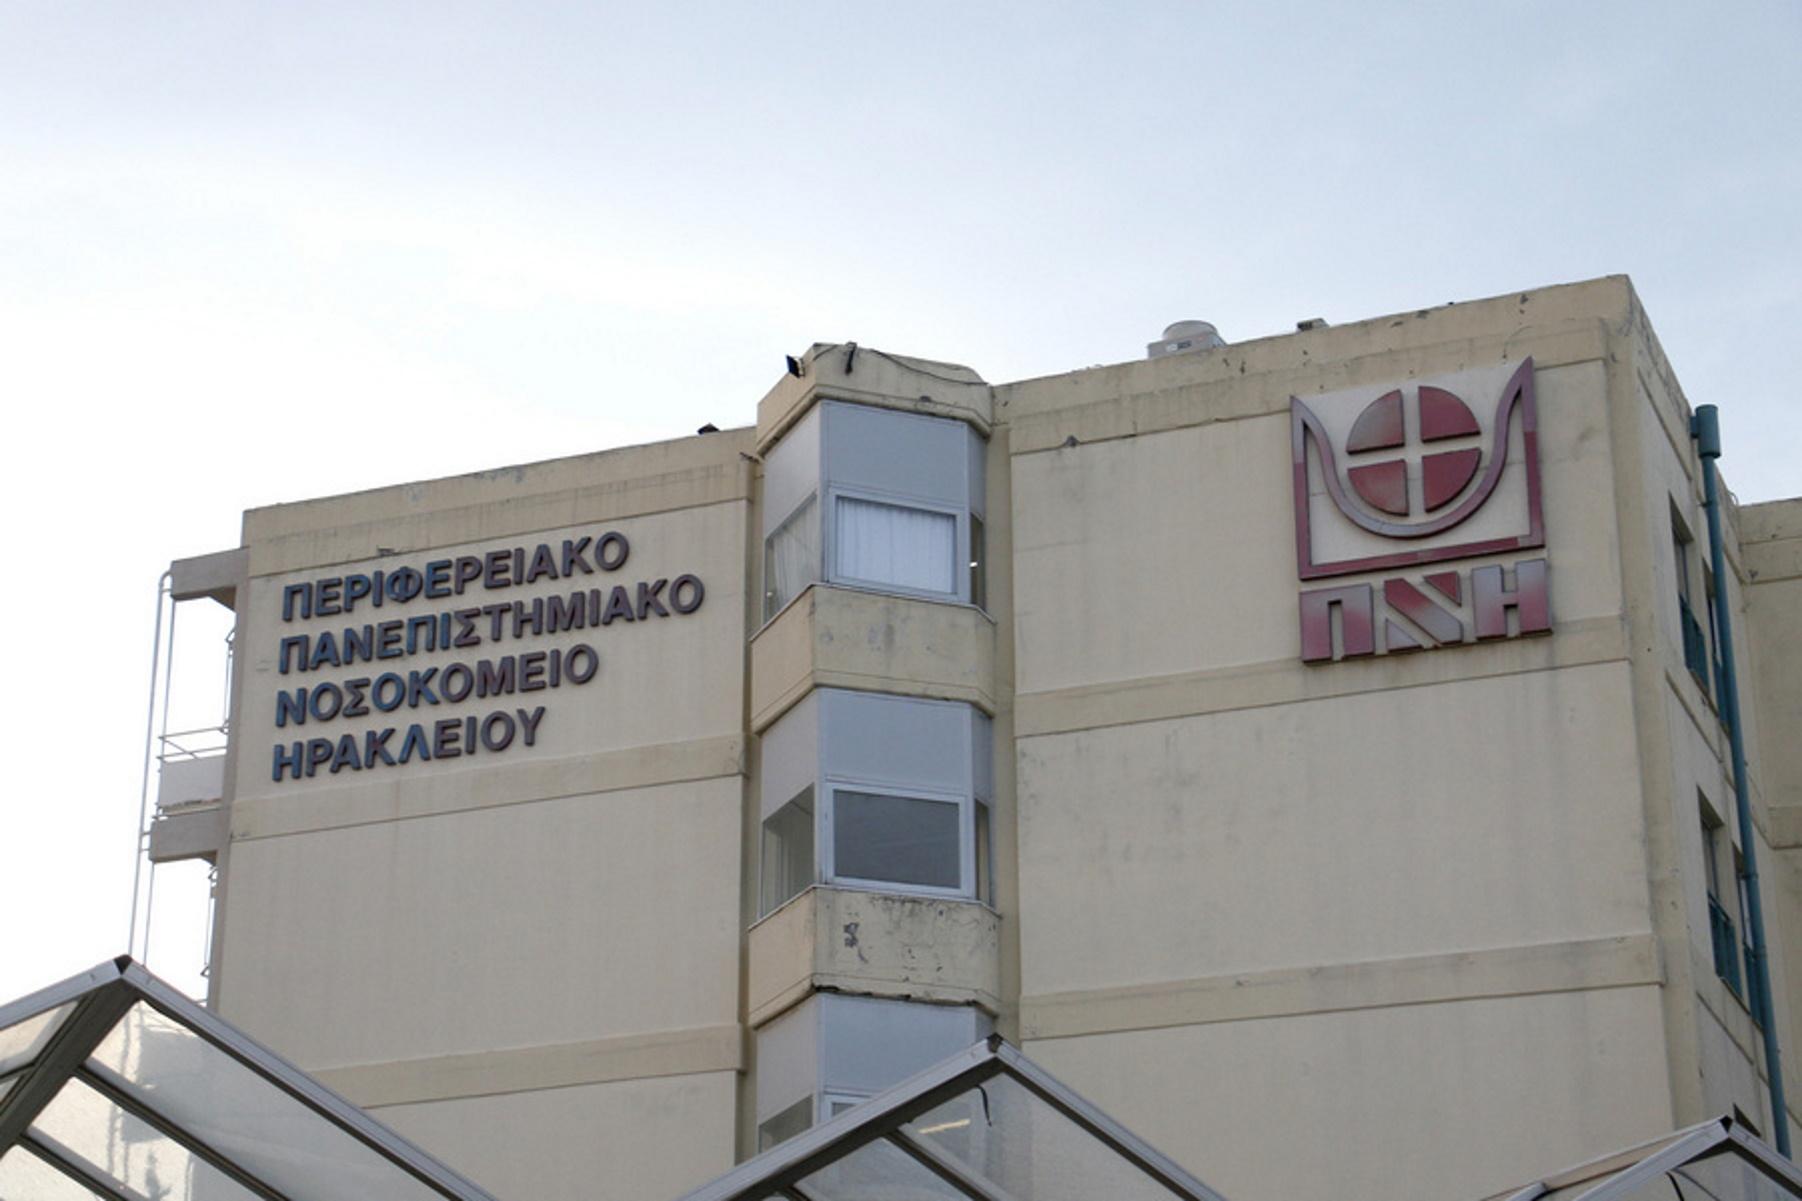 Ηράκλειο: Νέα θρόμβωση υπέστη ο 35χρονος – Διοικητής ΠΑΓΝΗ: Συνδέεται με το εμβόλιο της AstraZeneca